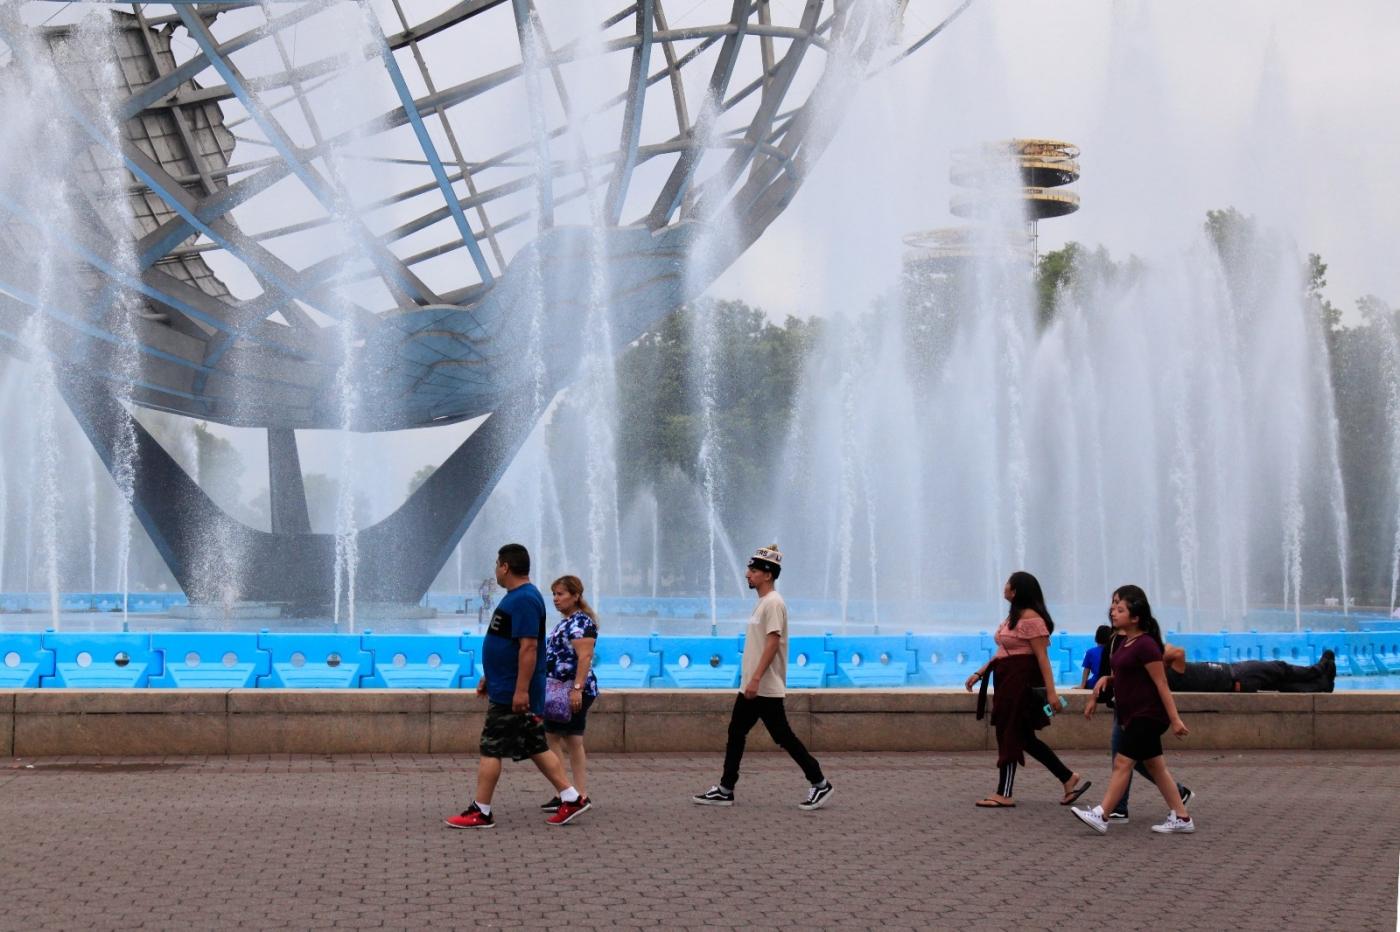 炎夏的可乐娜公园地球仪喷水池,是法拉盛周边居民休闲,娱乐的好地方 ..._图1-6